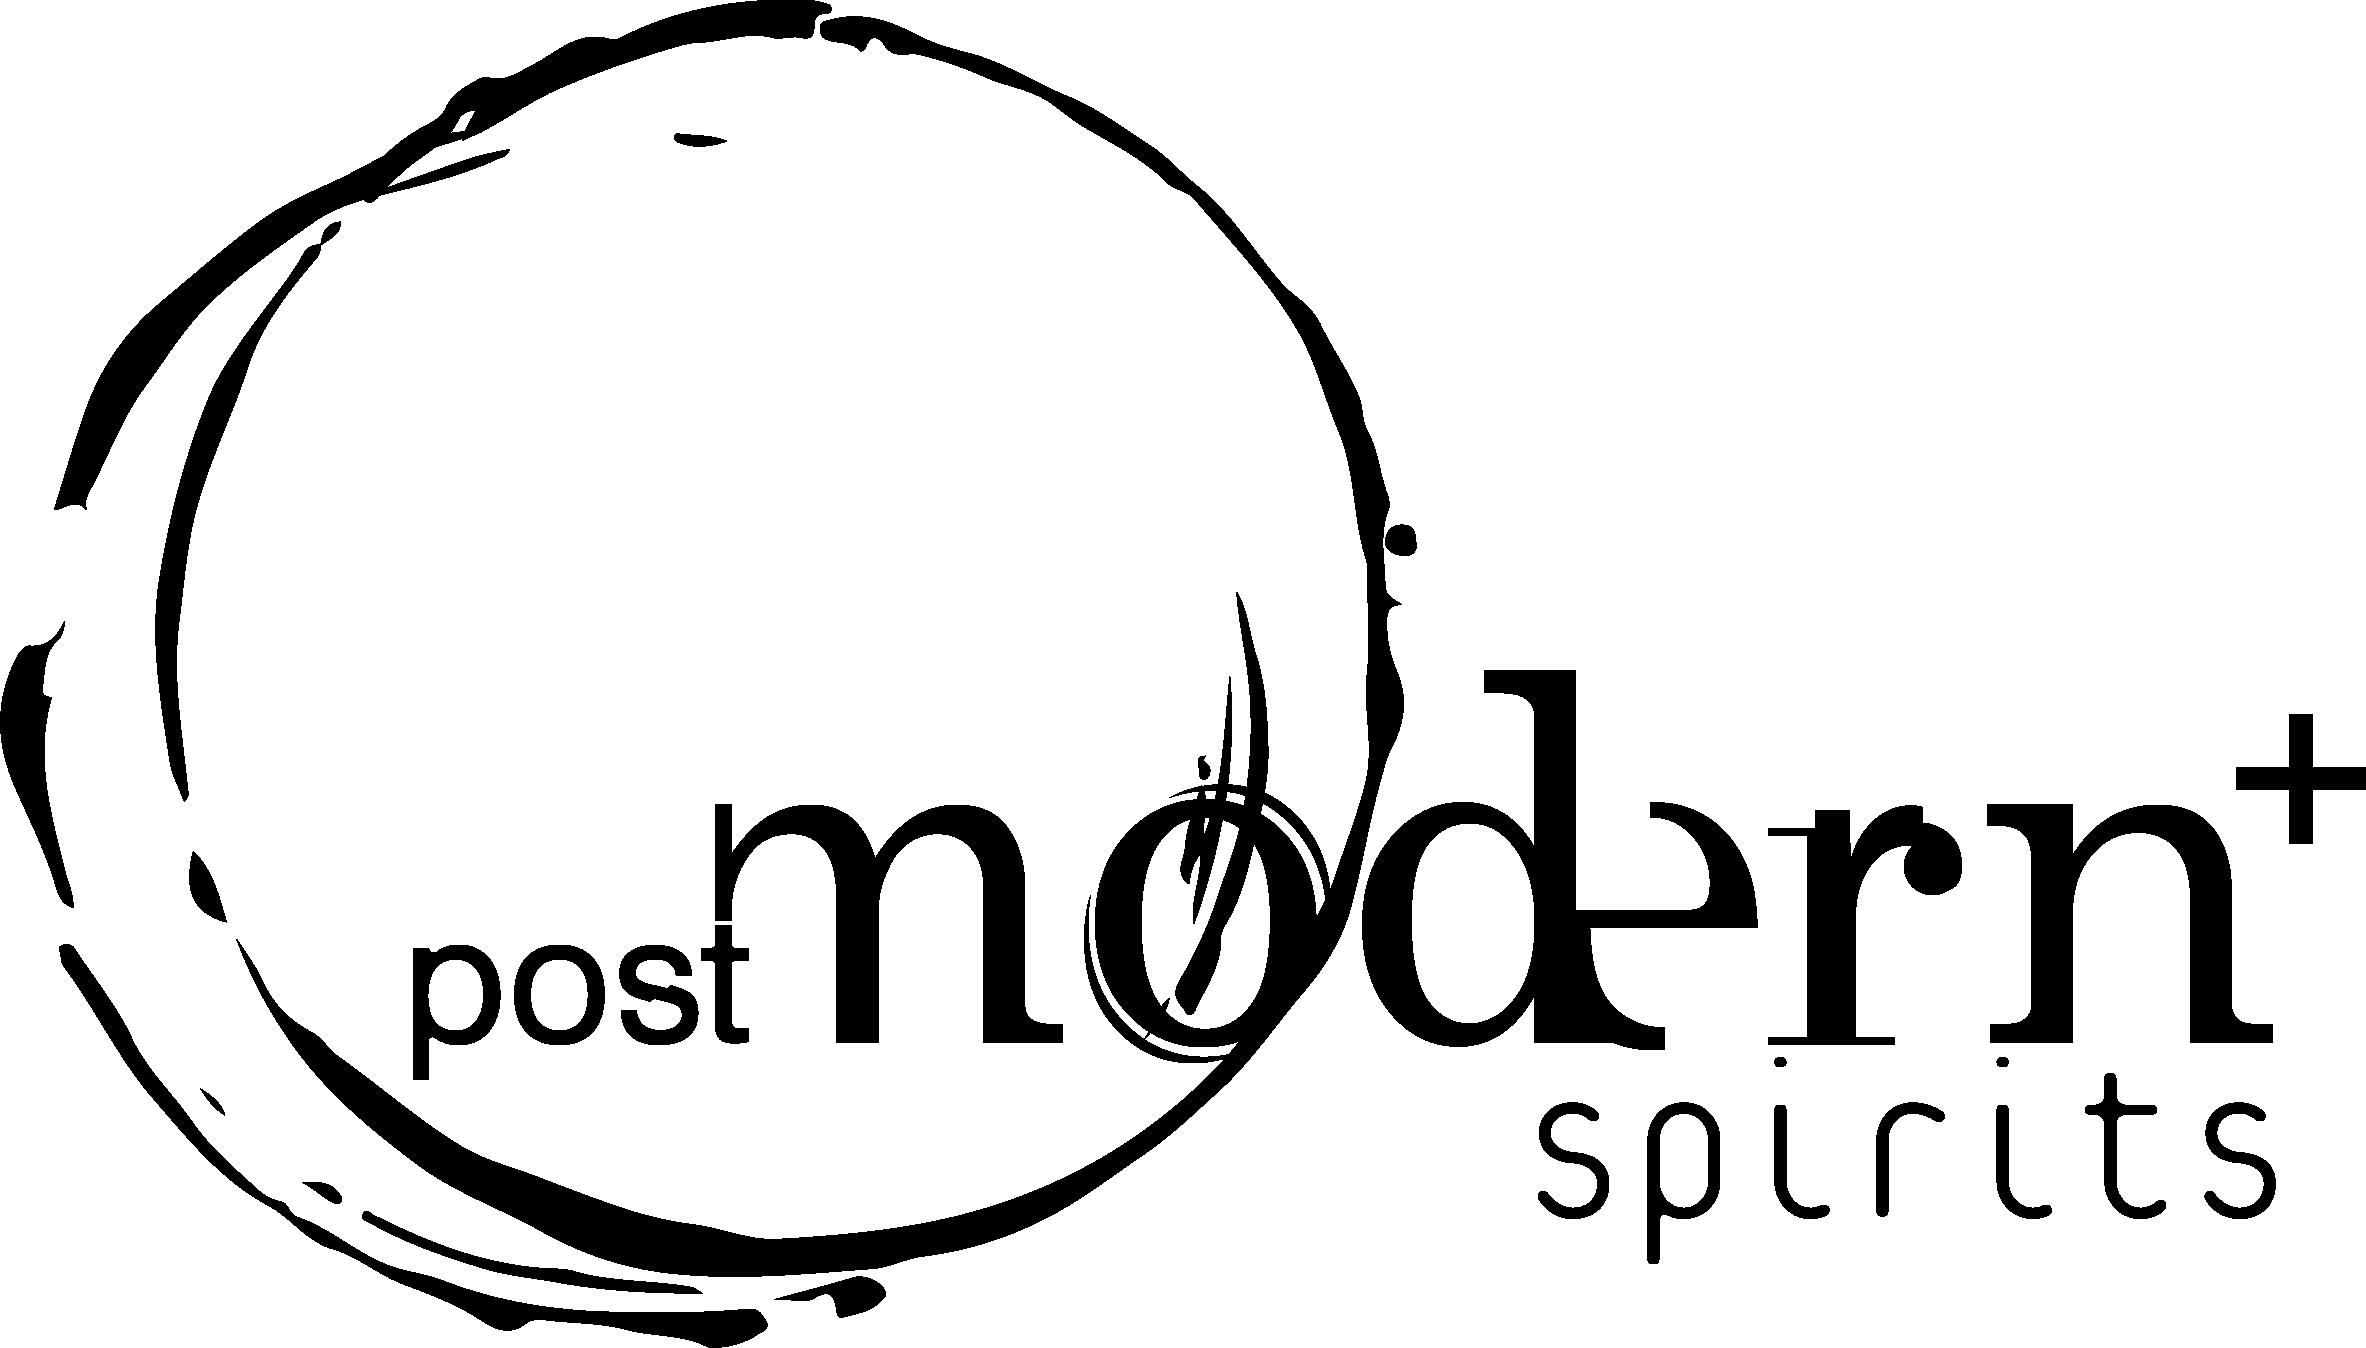 PostModernSpirits Logo.png